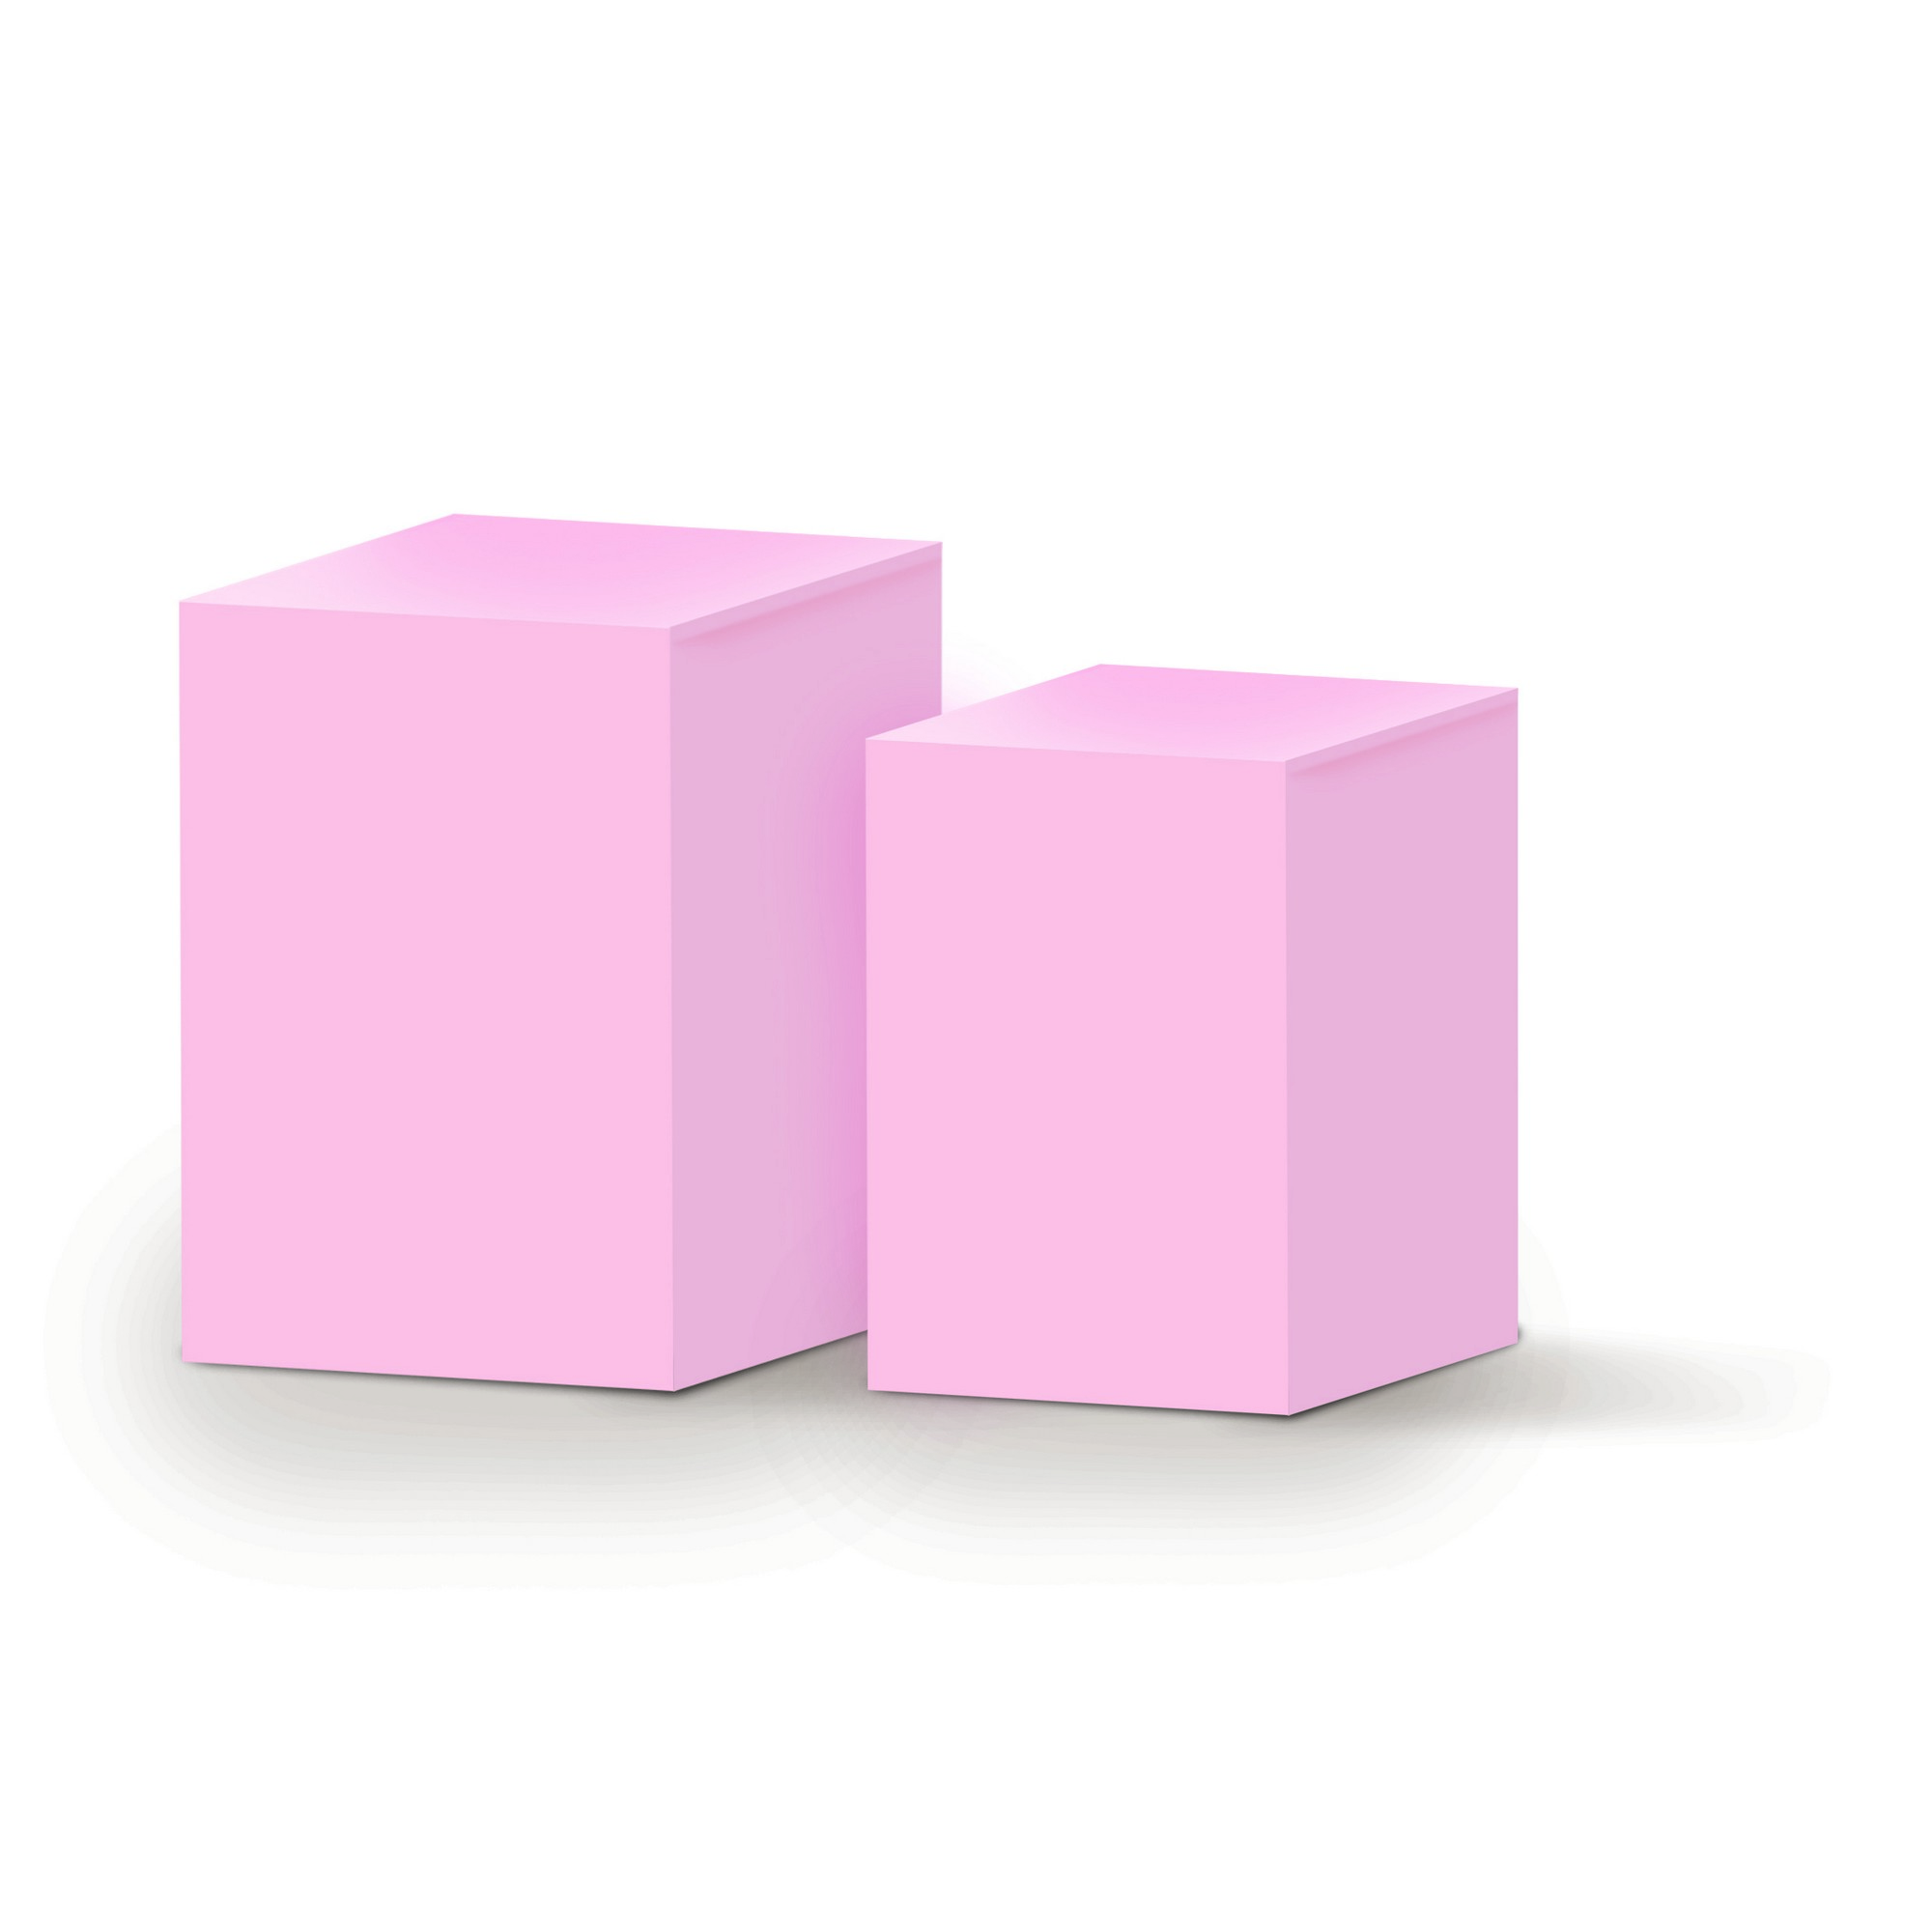 conjunto mesas laterais de cubos 2 pe as 50 x 70 cm rosa r 619 90 em mercado livre. Black Bedroom Furniture Sets. Home Design Ideas